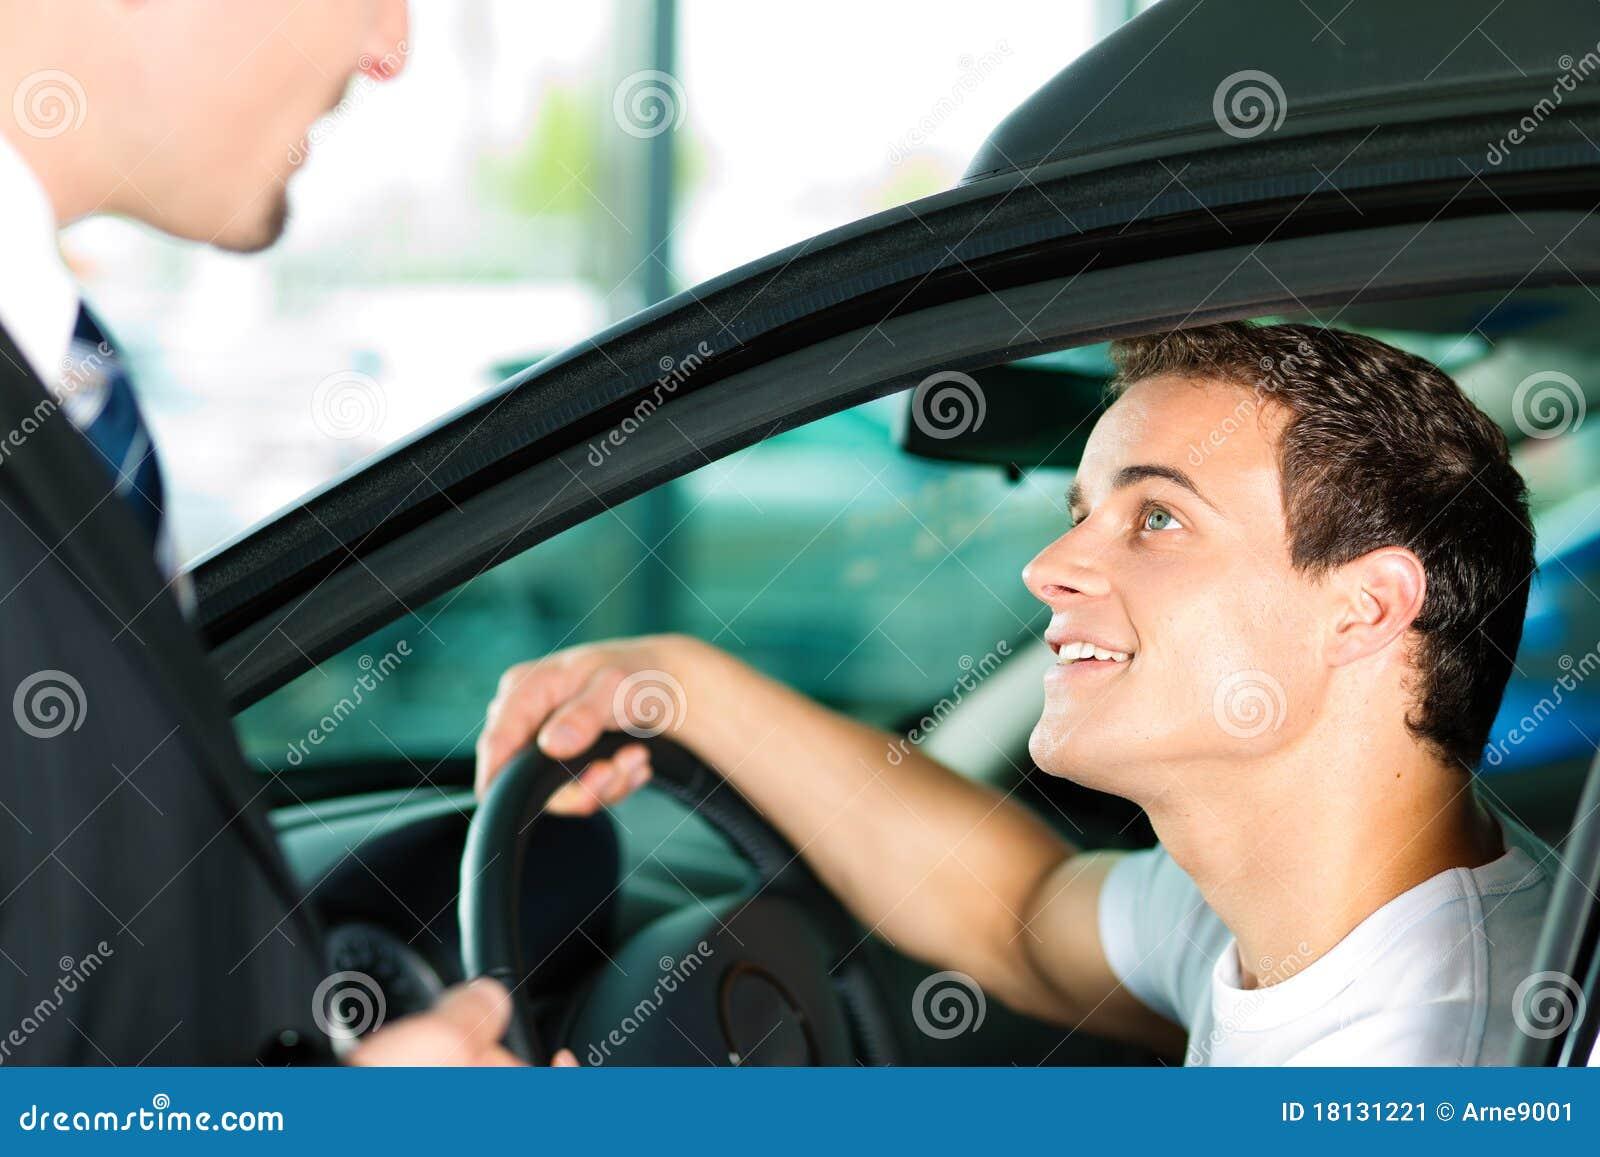 man buying car from salespersonv stock image image 18131221. Black Bedroom Furniture Sets. Home Design Ideas